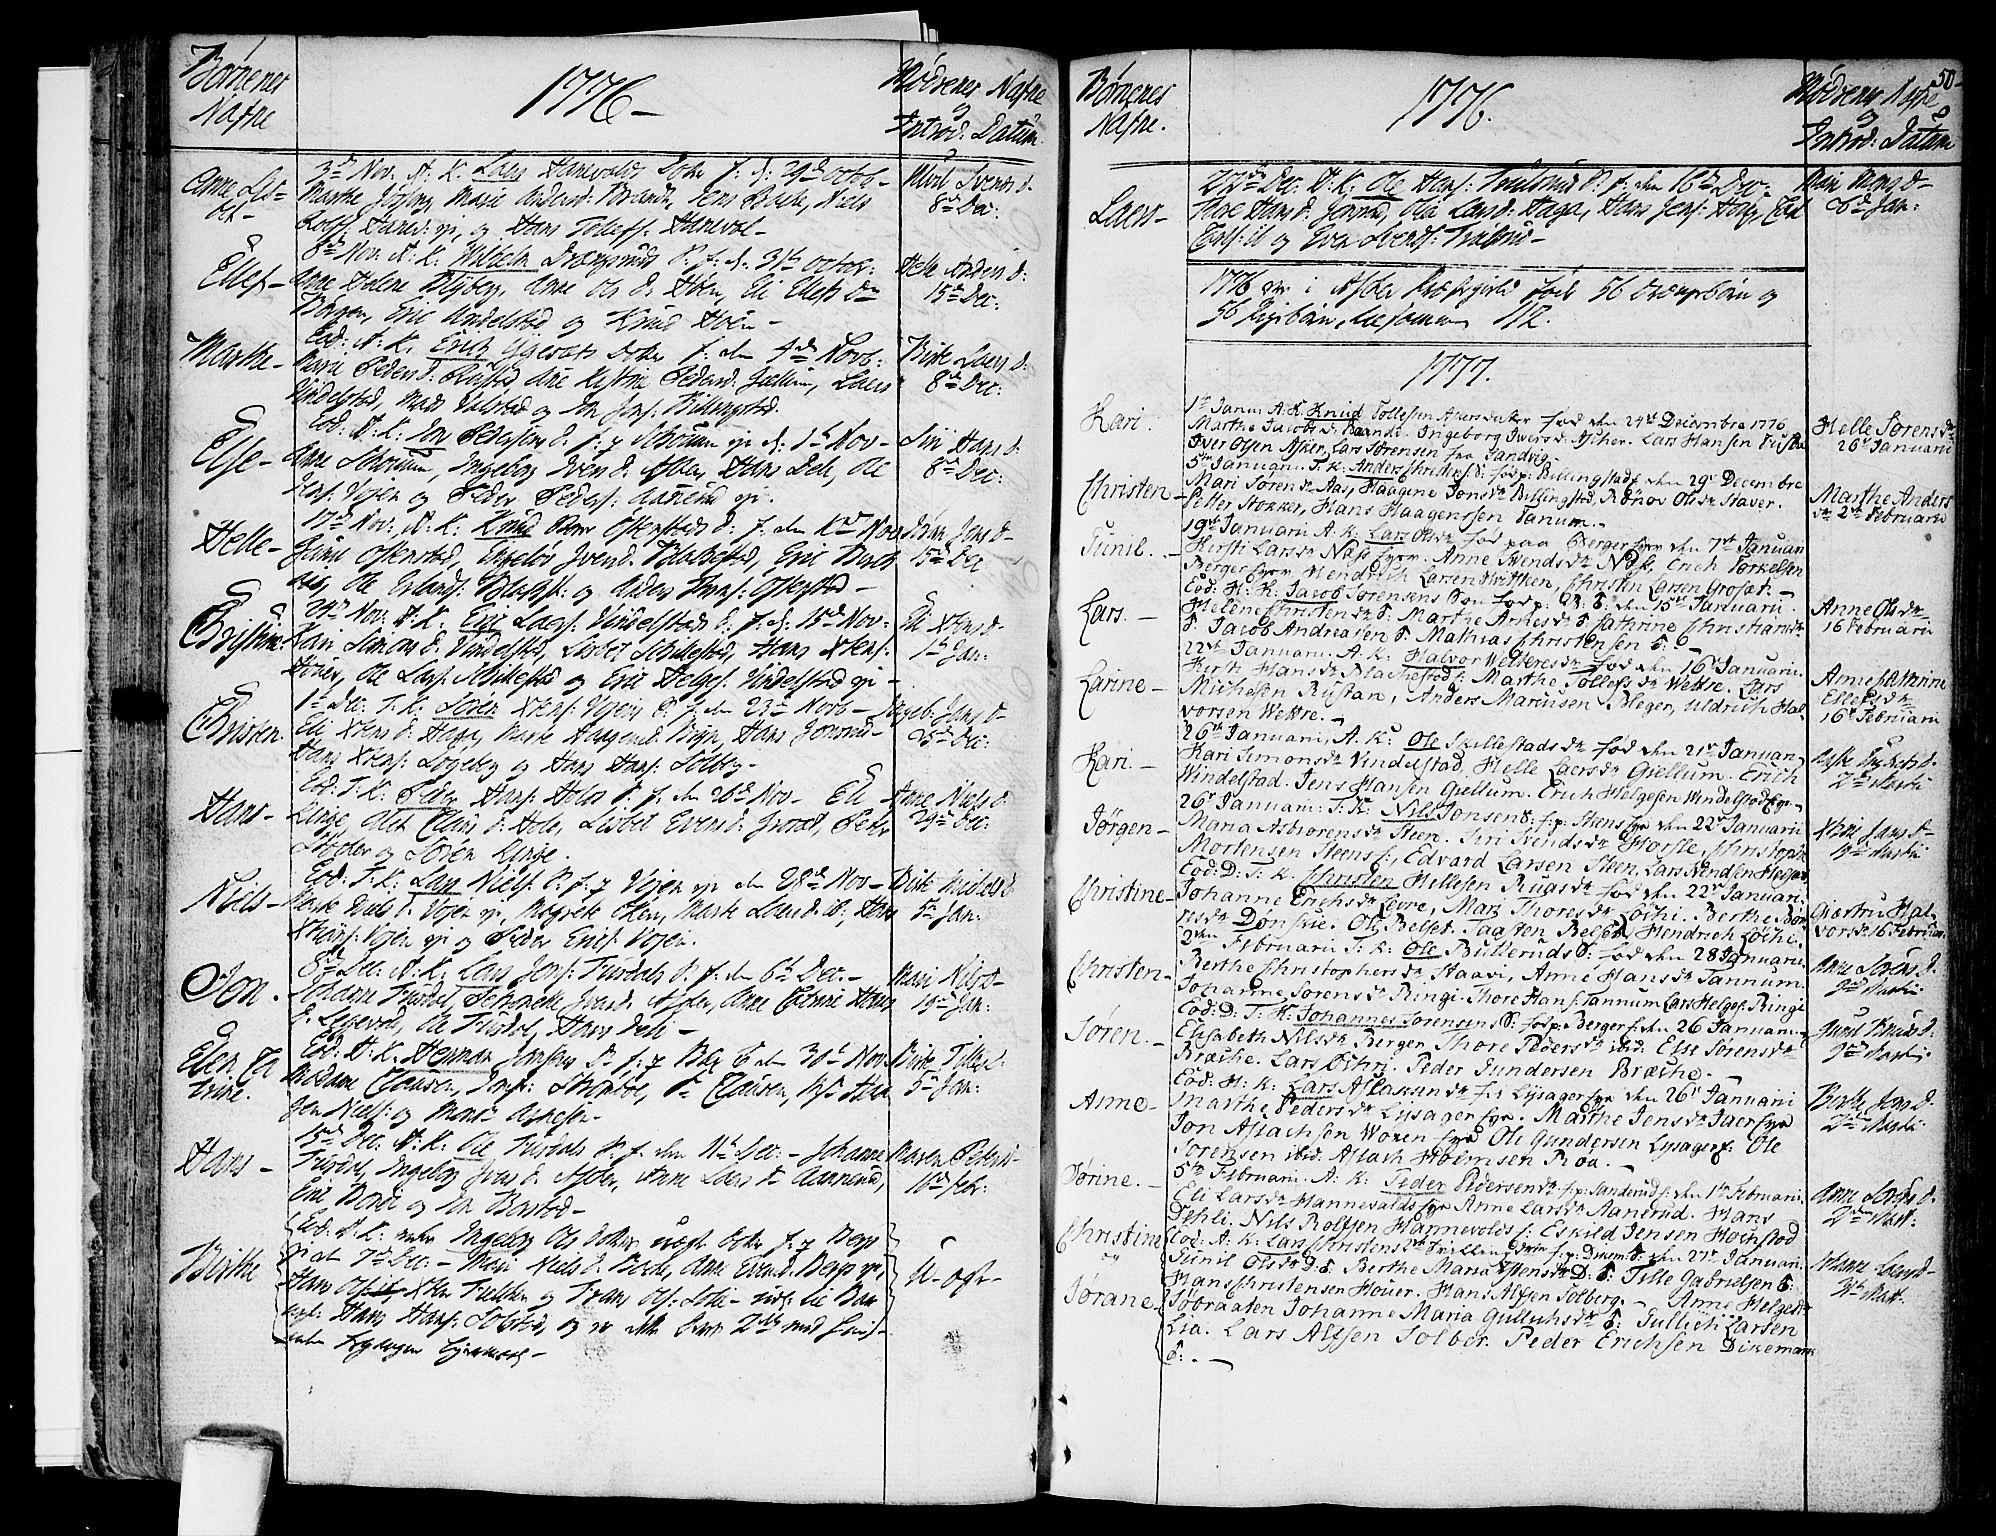 SAO, Asker prestekontor Kirkebøker, F/Fa/L0003: Ministerialbok nr. I 3, 1767-1807, s. 50